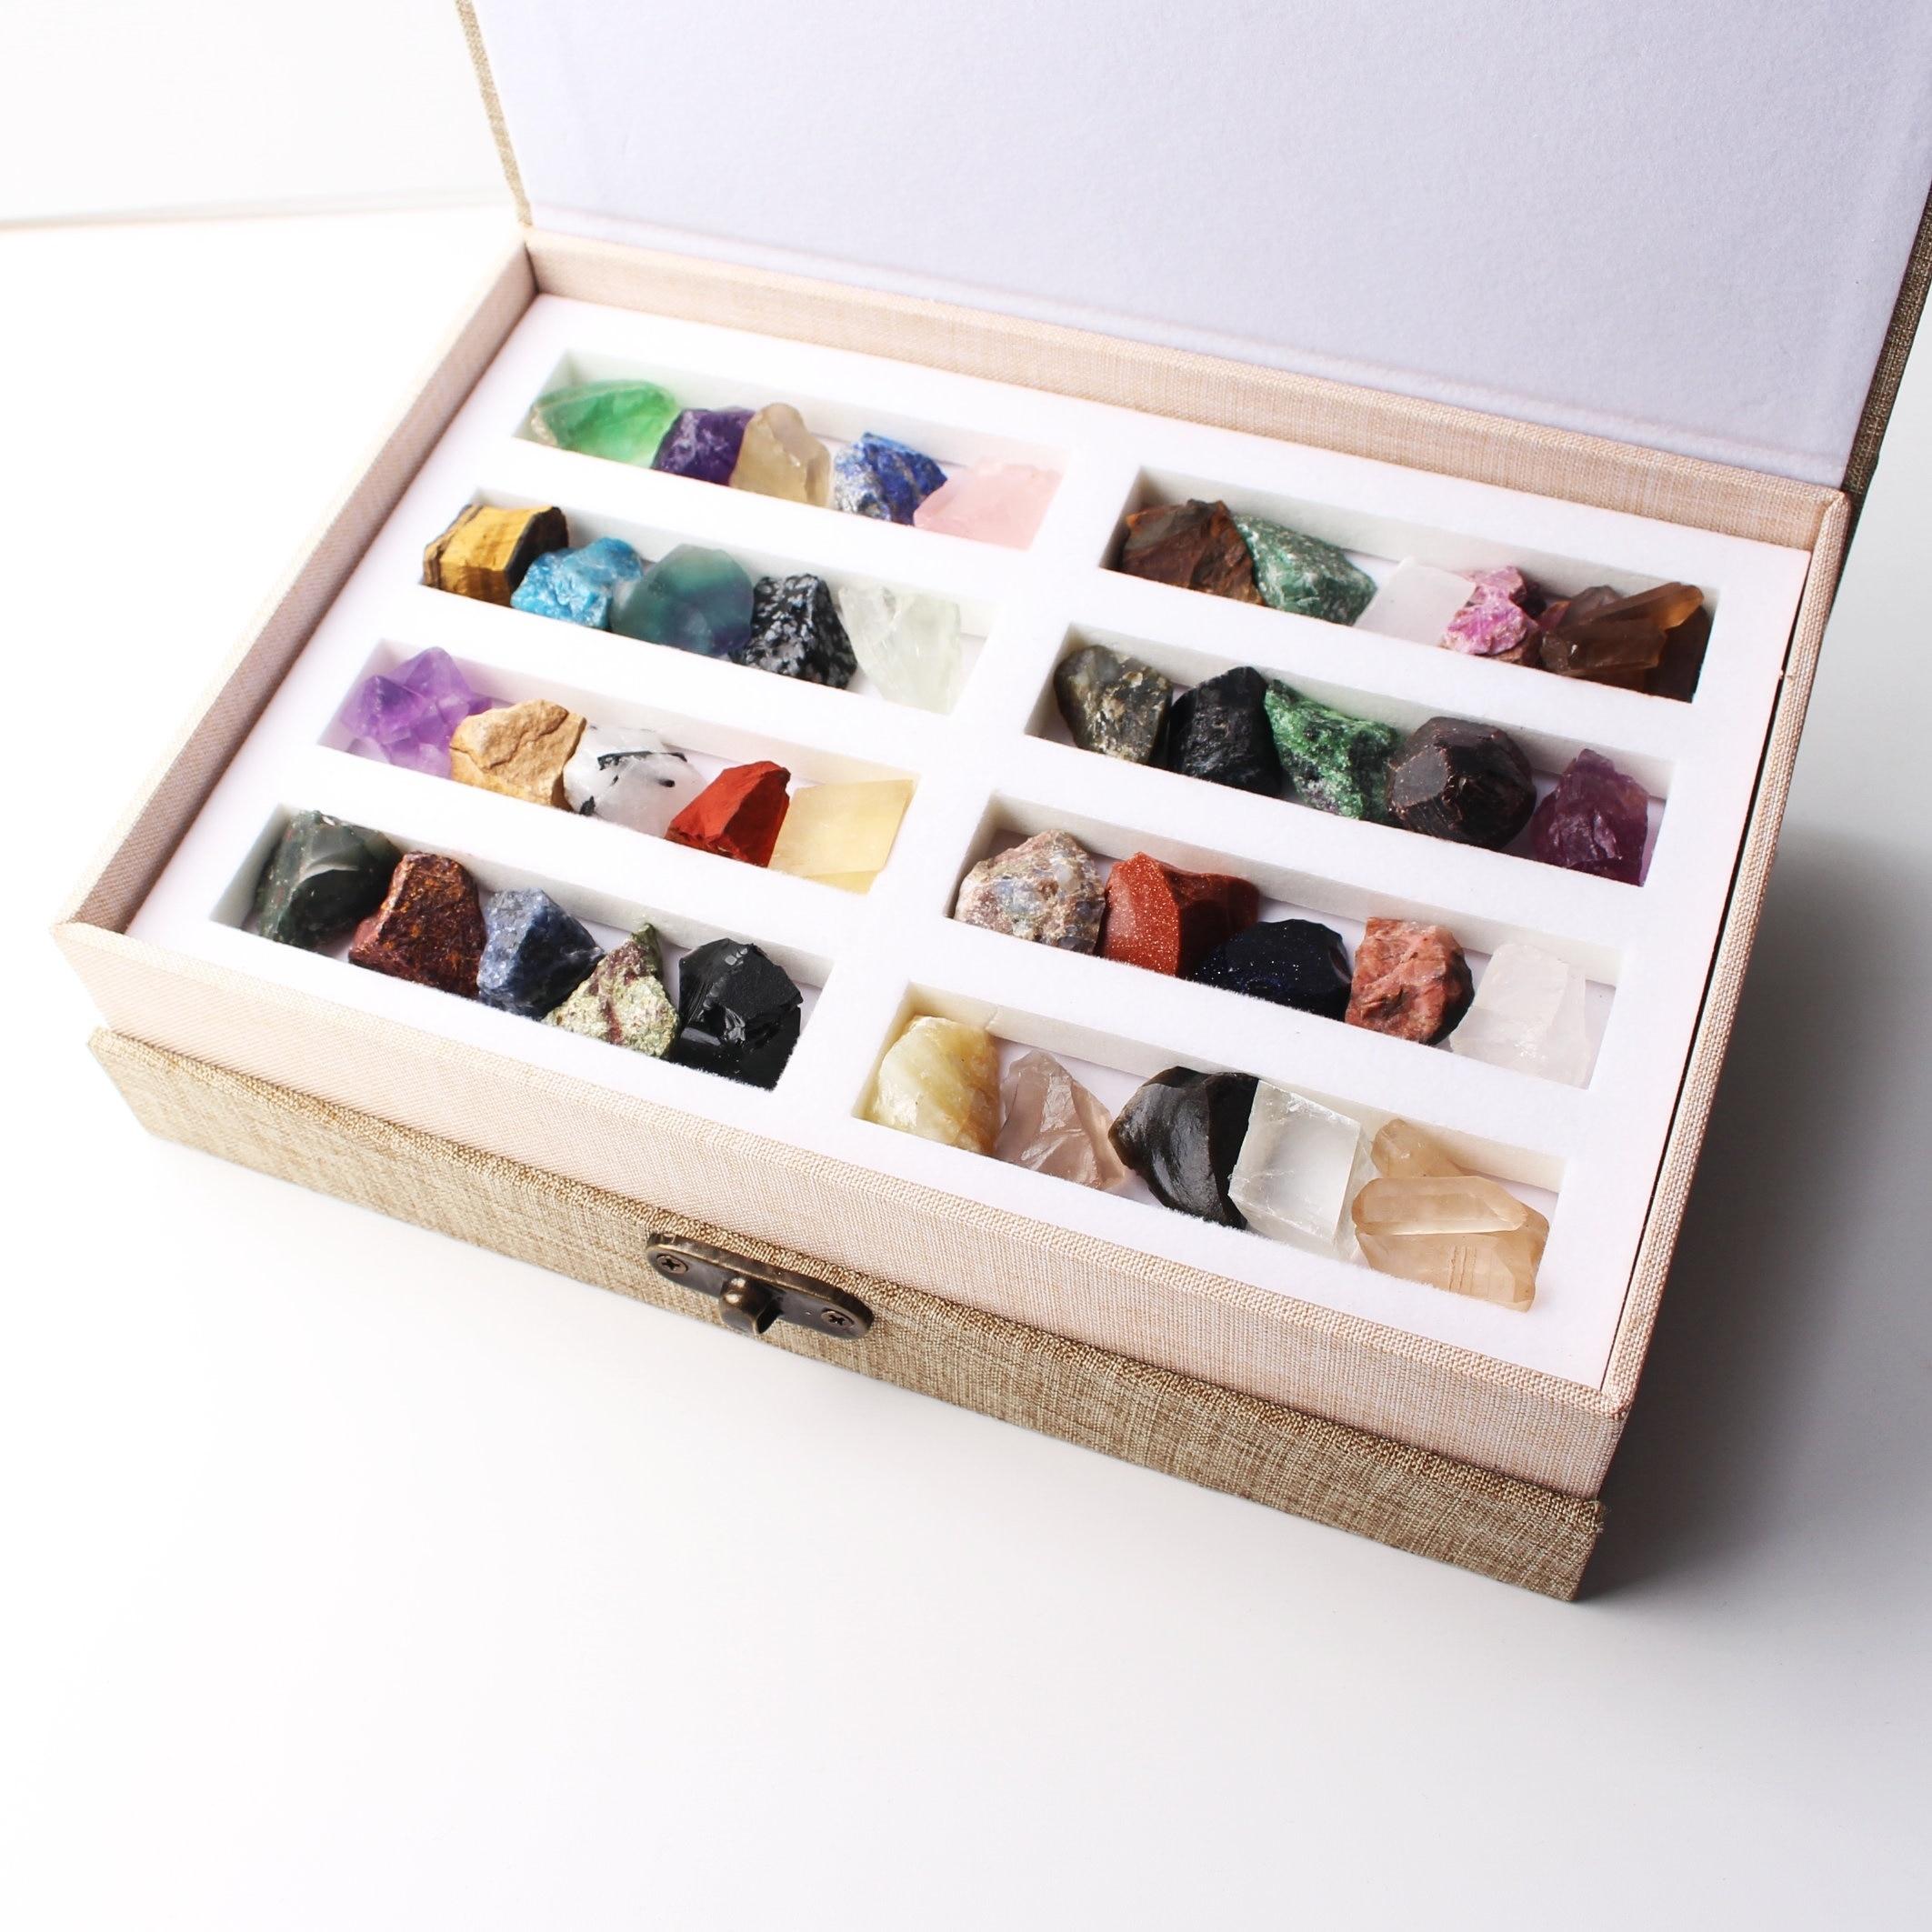 40 sortes de Lots mélangés de minéraux de pierre de roche de cristal naturel spécimen de pierres précieuses brutes Mini pierre Reiki cadeau de guérison avec une boîte